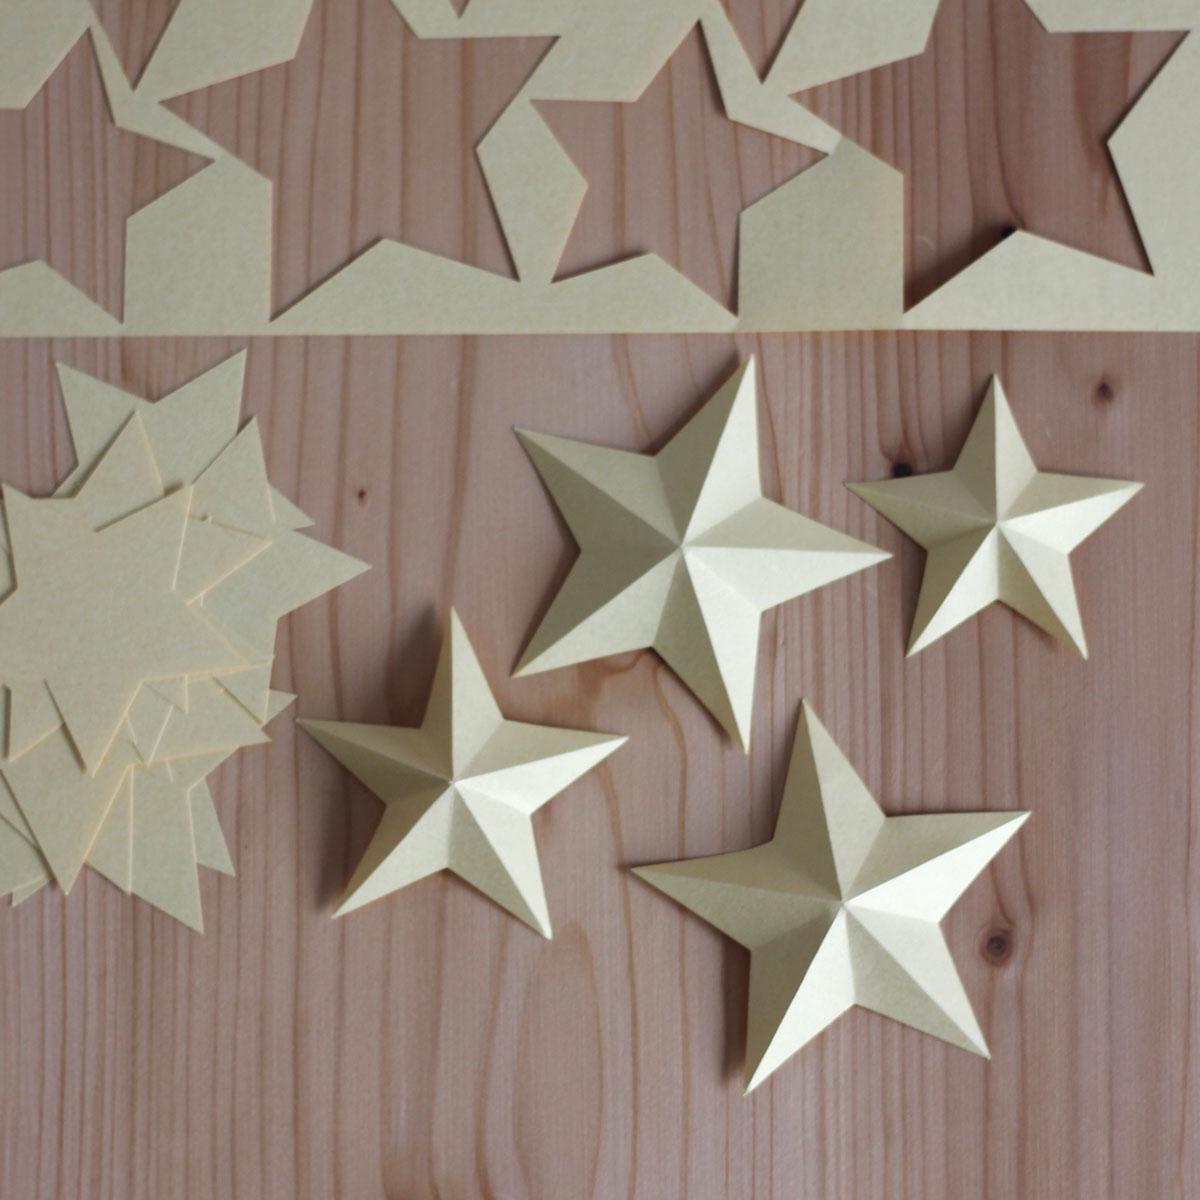 3D-Sterne - meine schnelle Weihnachtsdeko!